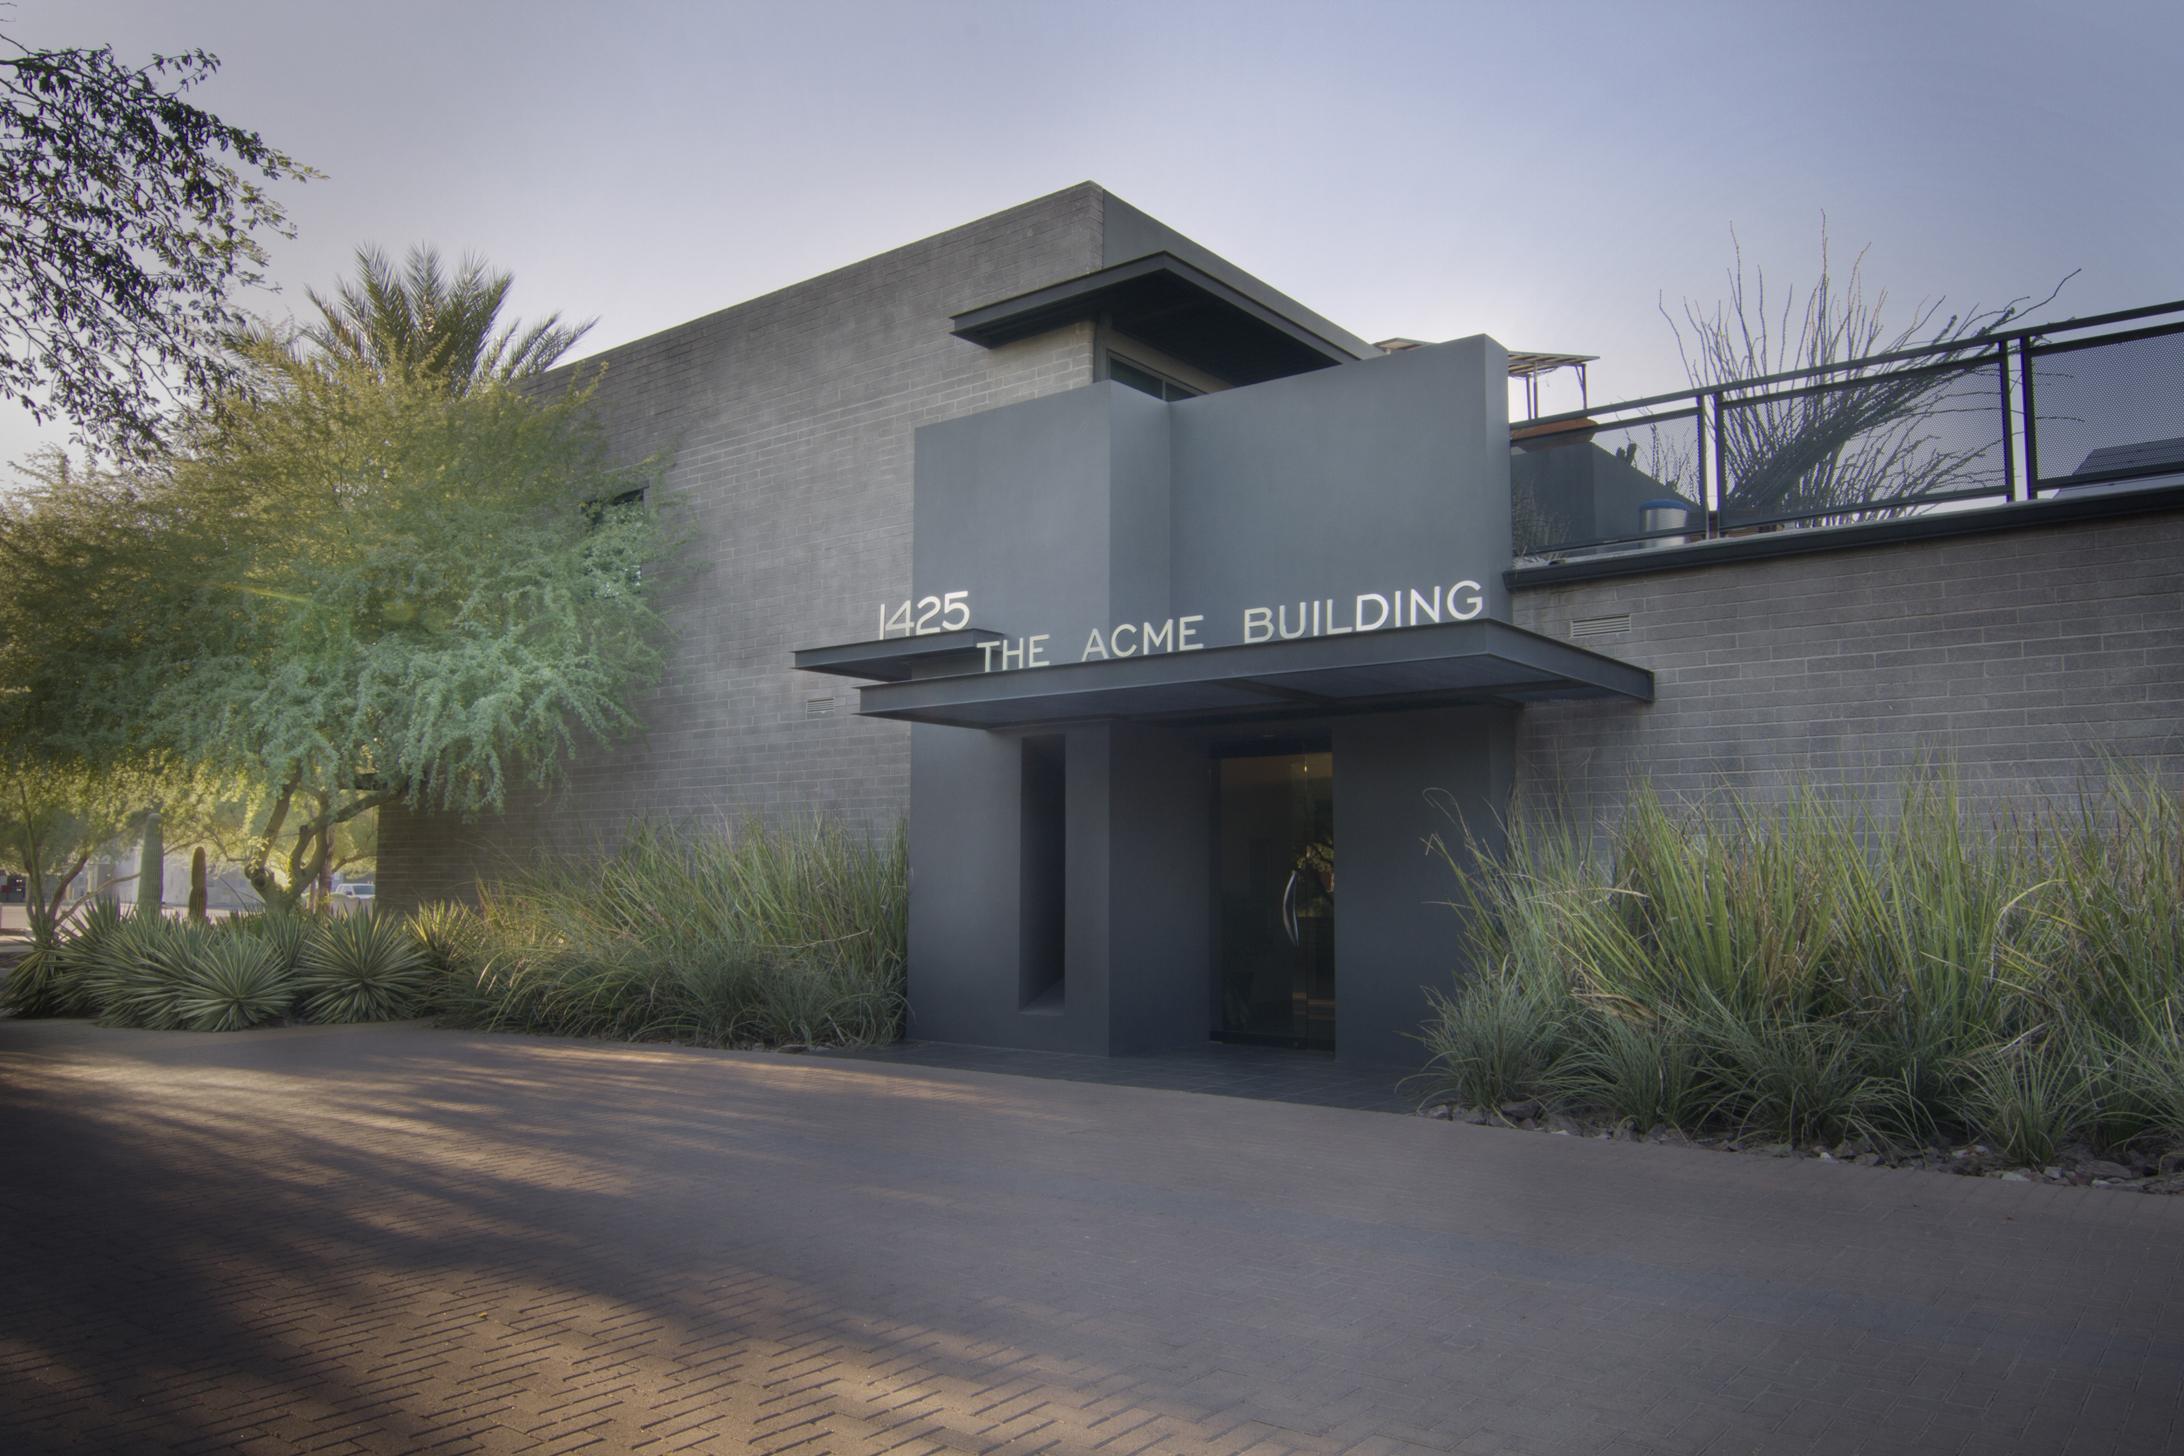 ACME Building in Phoenix Arizona